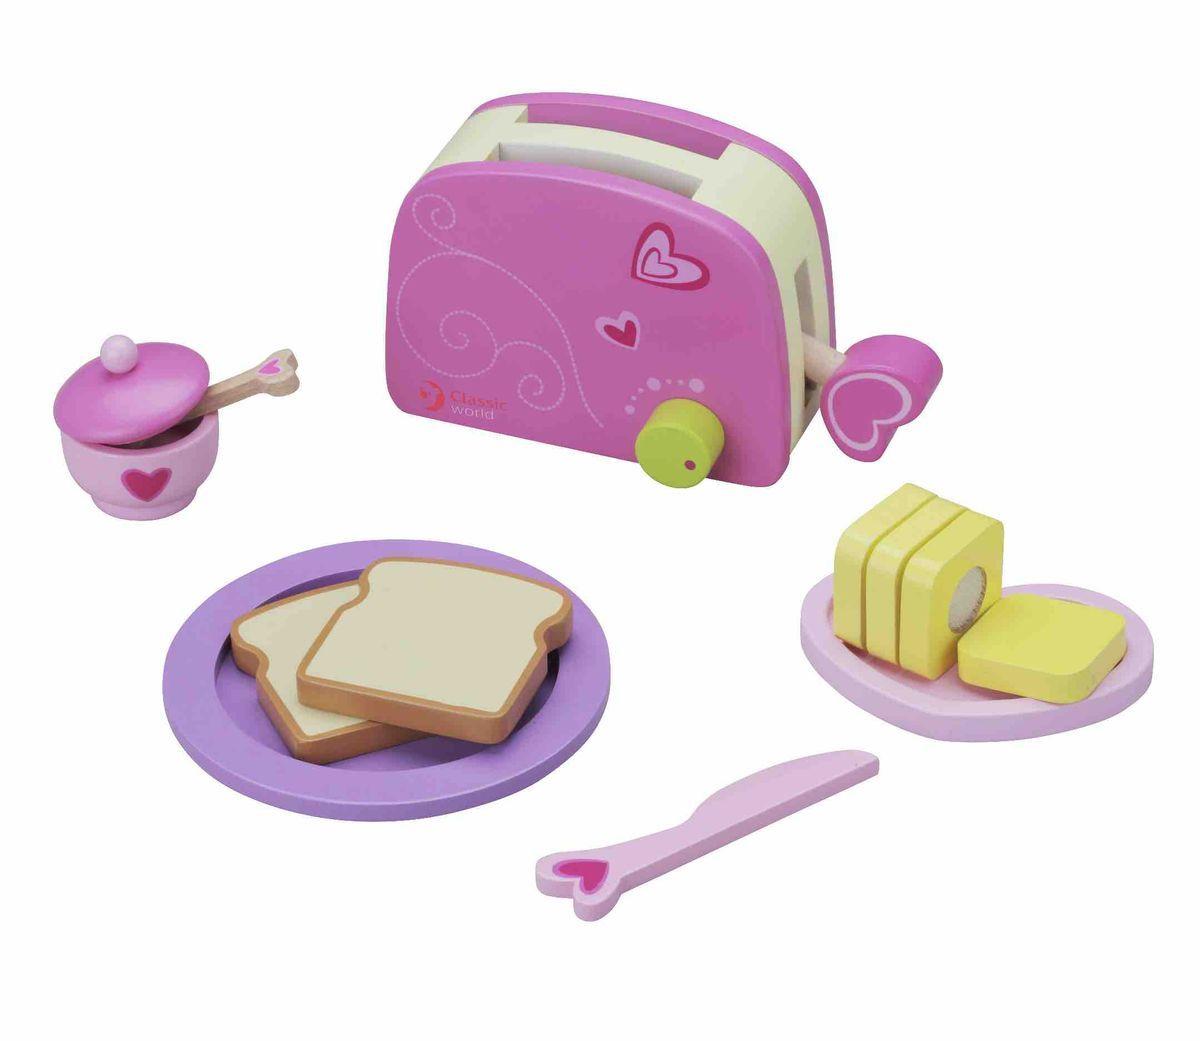 Classic World Игровой набор Тостер4115Маленький поваренок придет в восторг от необычной и яркой игрушки!В комплекте: тостер, тосты, масло, тарелочка, ножик, йогурт. Ребёнок сможет придумать различные вариации завтрака, что прекрасно способствует развитию творческого мышления. Скучать точно не придётся! Приготовьте вкусные тосты с маслом, и подайте их красиво на стильной тарелочке с приборами. Такая игра прекрасно скажется на эстетическом воспитание ребёнка. Сюжетно-ролевые игры великолепно развивают коммуникативные навыки ребёнка, а в процессе игры ребёнок сможет пополнить свой словарный запас. Игрушка выполнена из высококачественных материалов, а значит вы будете уверены в безопасности вашего ребёнка.